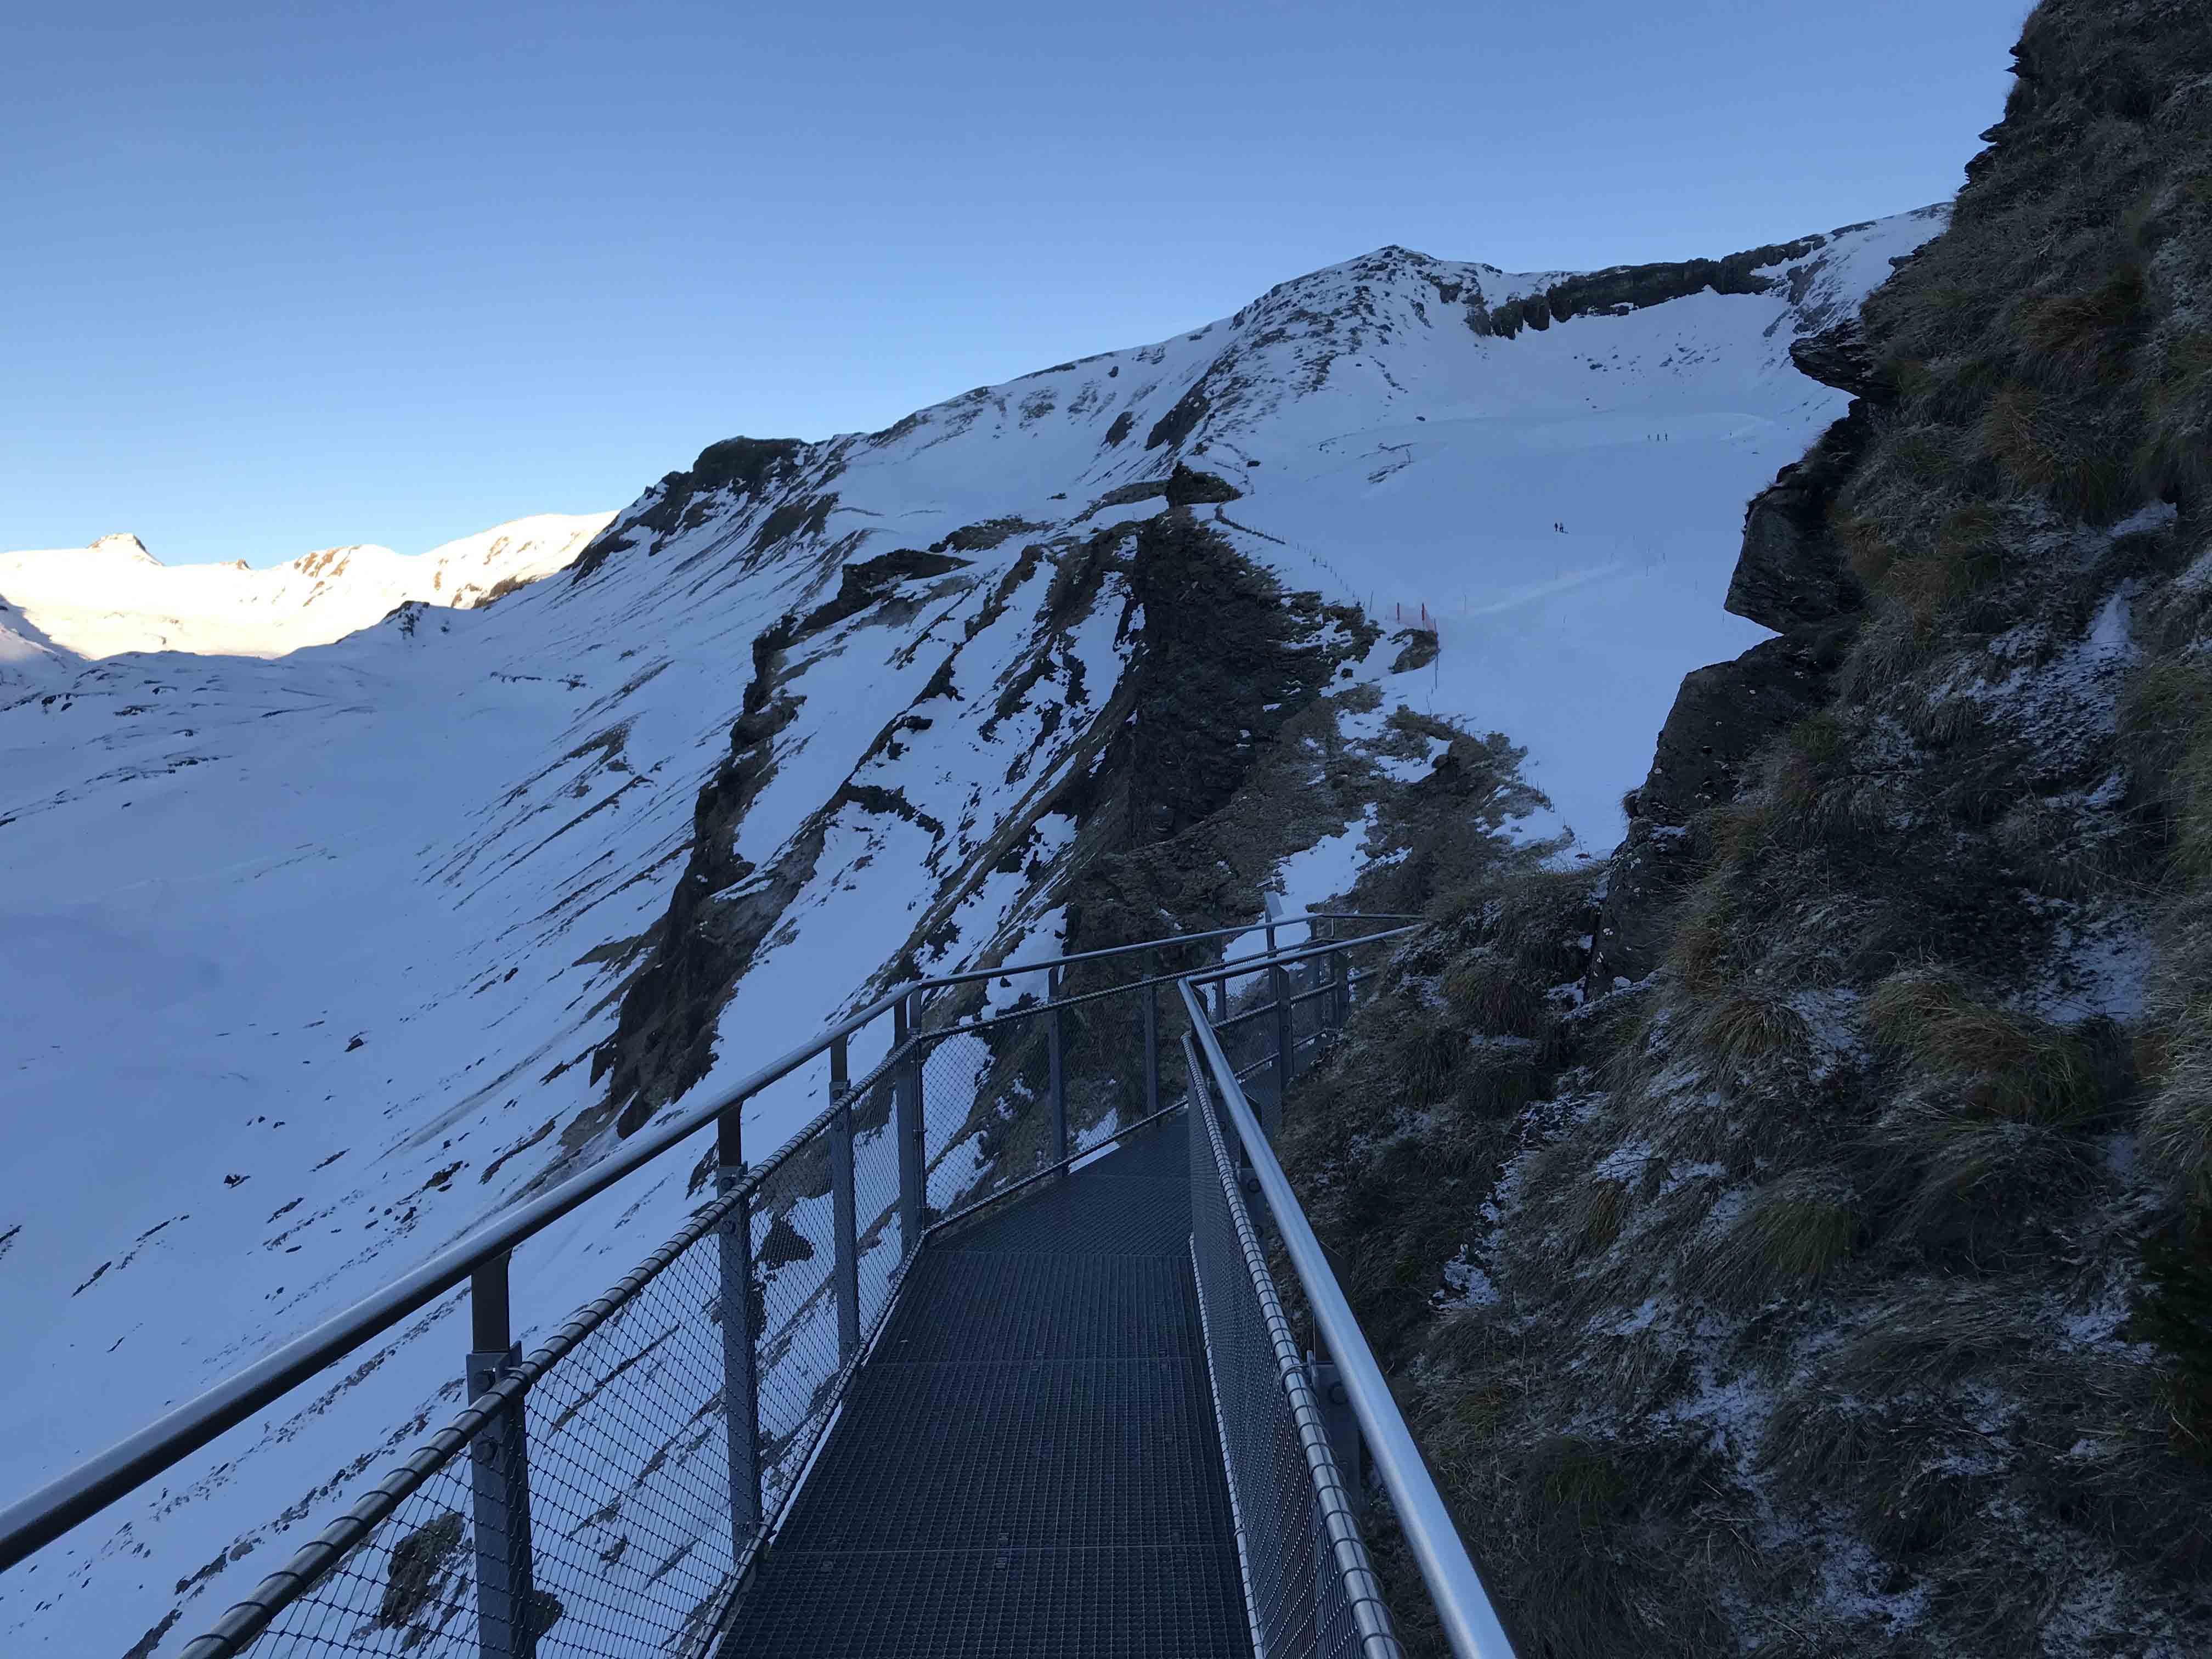 Ferienwohnung Chalet Anemone Grindelwald-First Cliff Walk Aussicht aufs Faulhorn